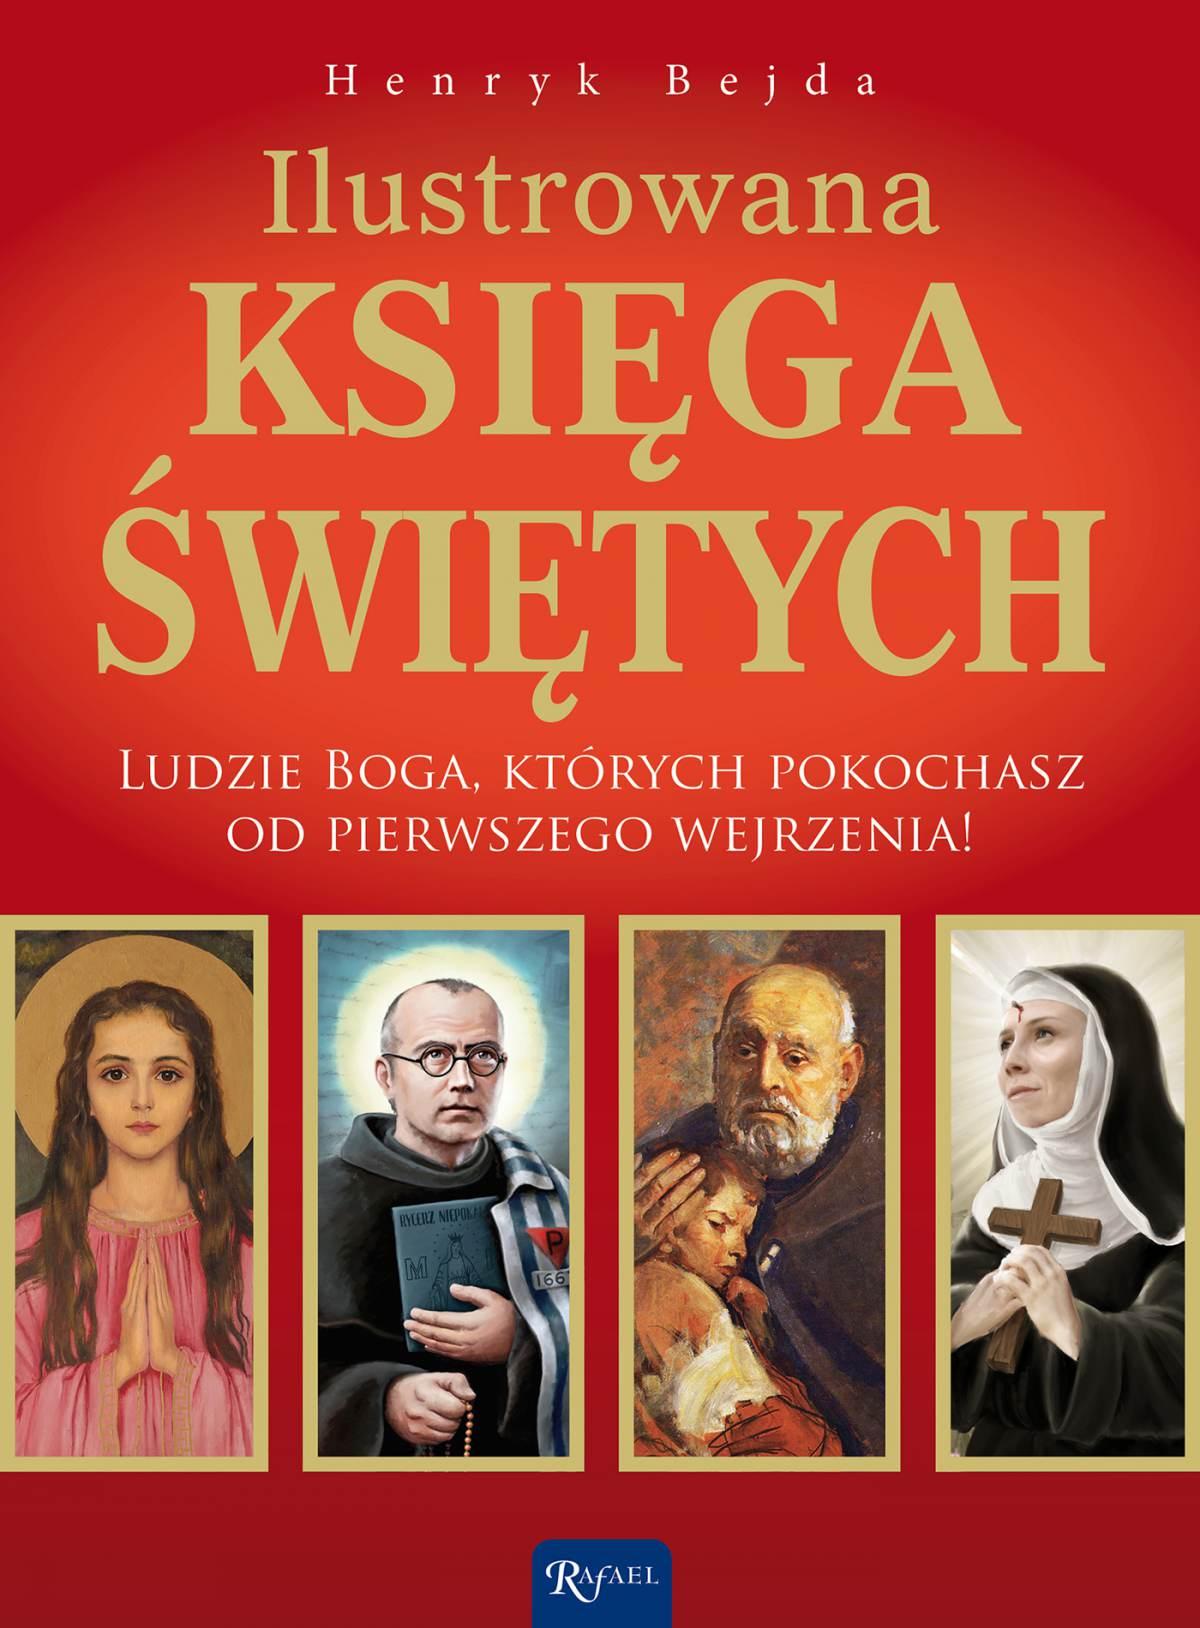 Ilustrowana księga świętych - Ebook (Książka PDF) do pobrania w formacie PDF